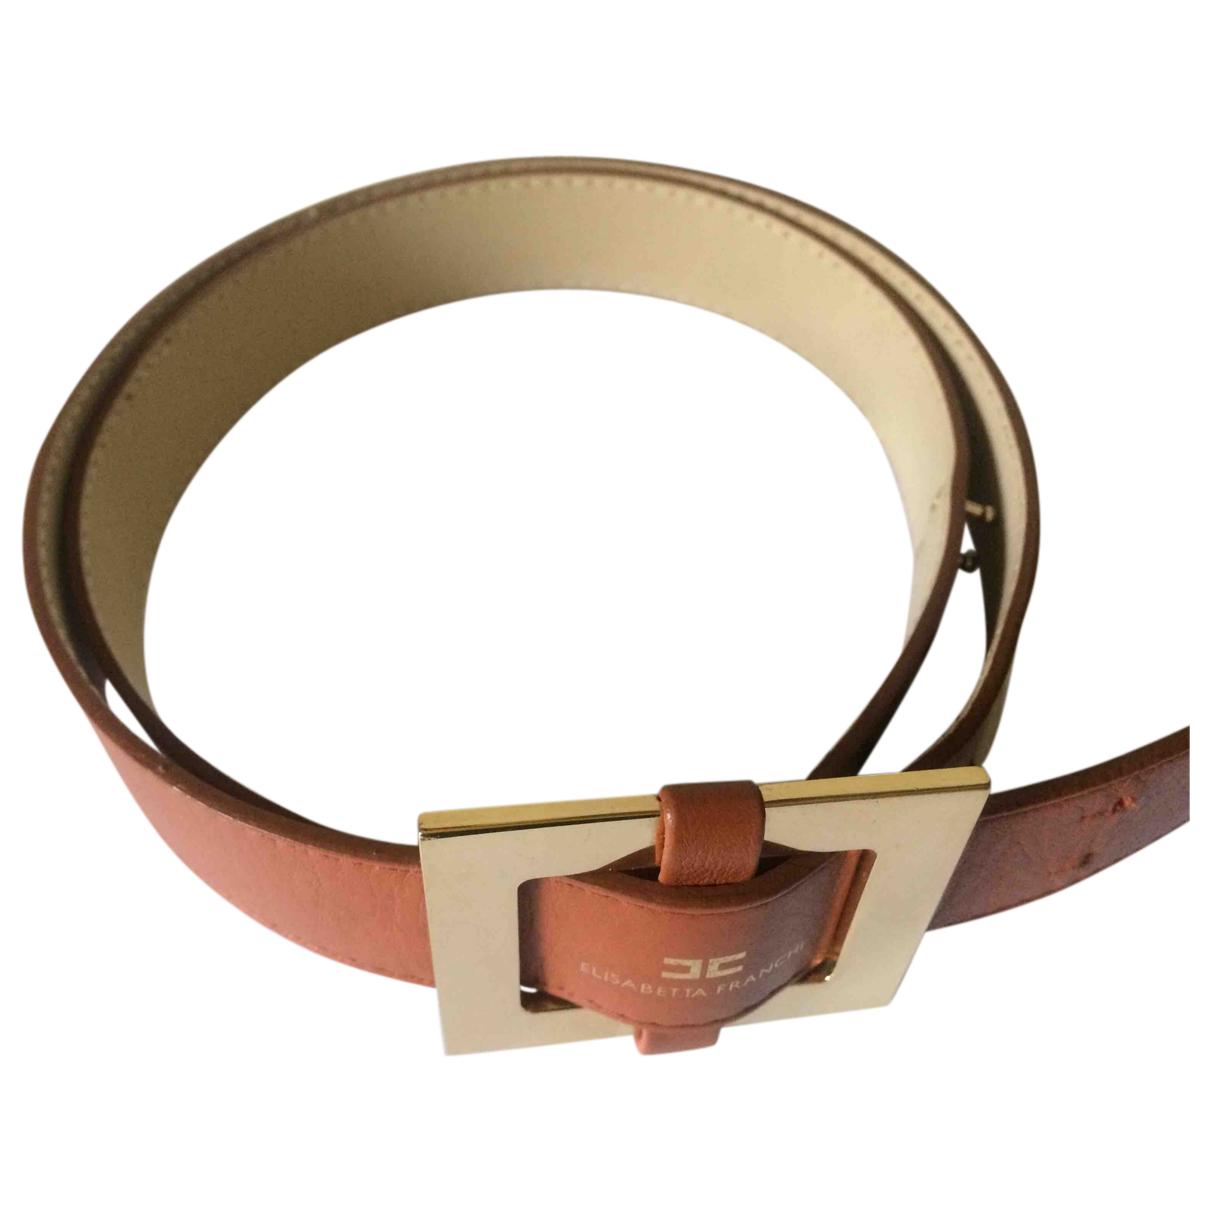 Cinturon de Cuero Elisabetta Franchi